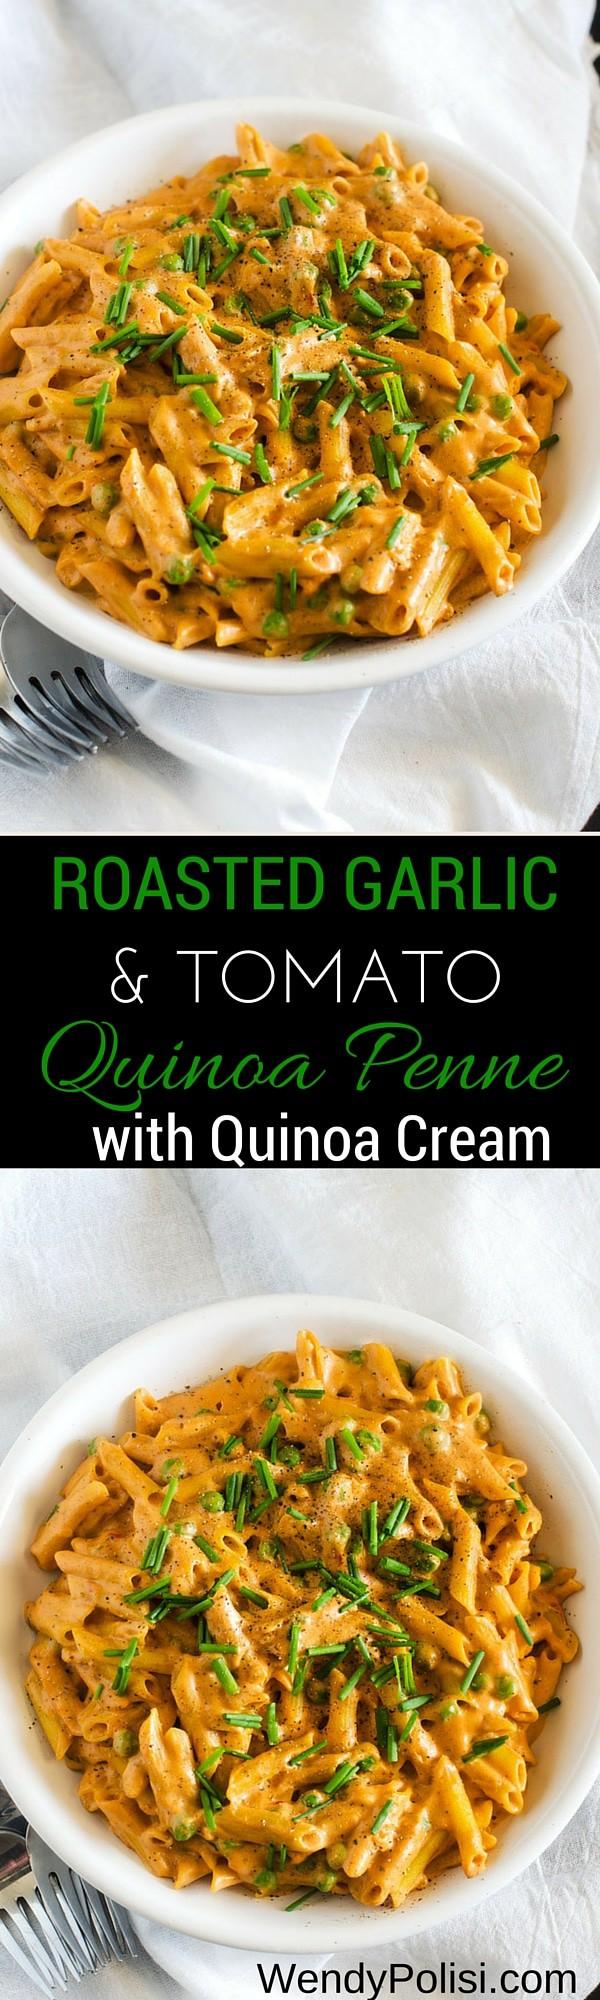 Roasted Garlic & Tomato Quinoa Penne with Quinoa Cream